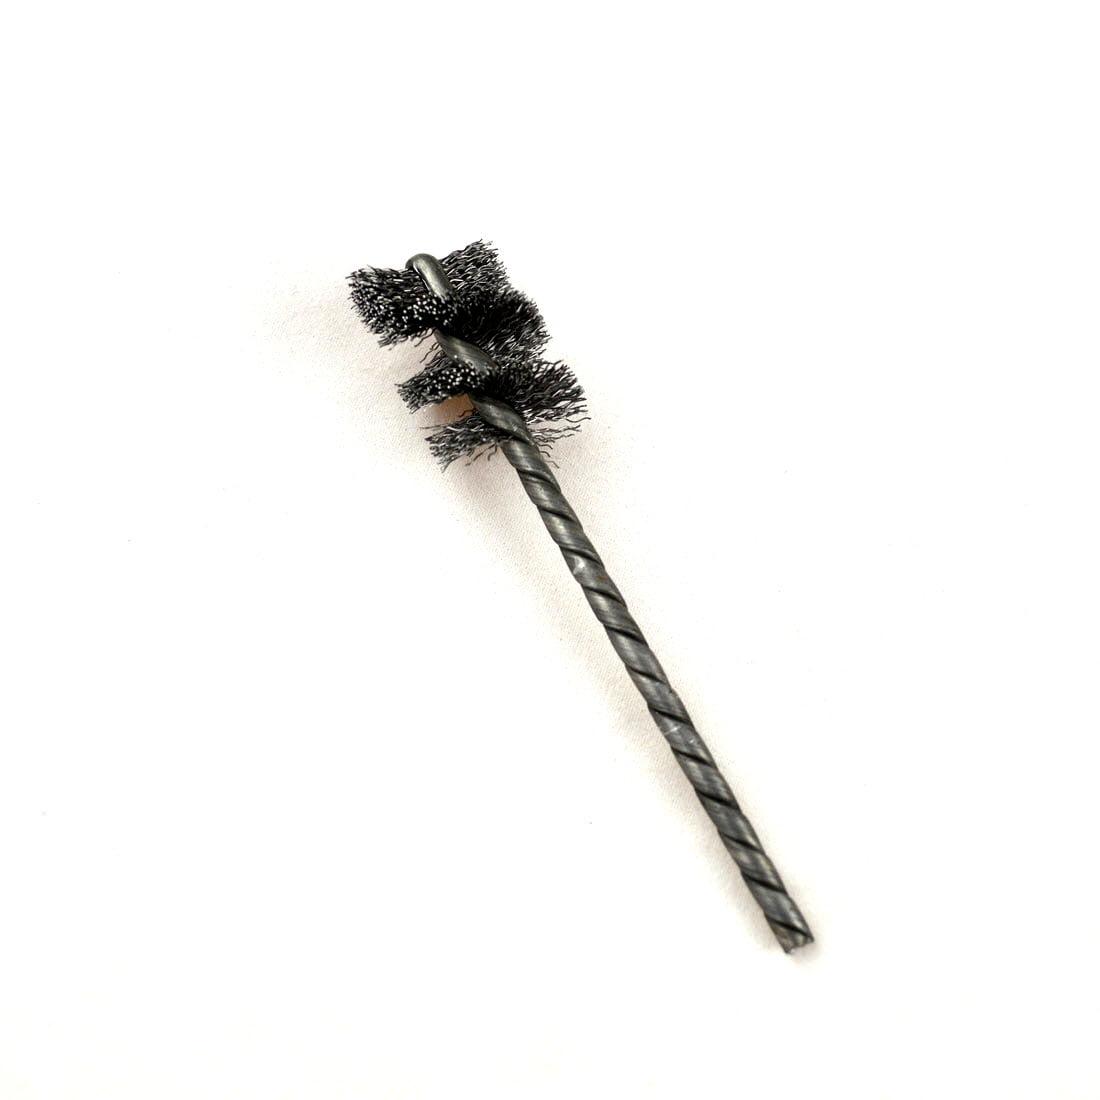 19mm-wire-brush-for-pichler-brush-holder